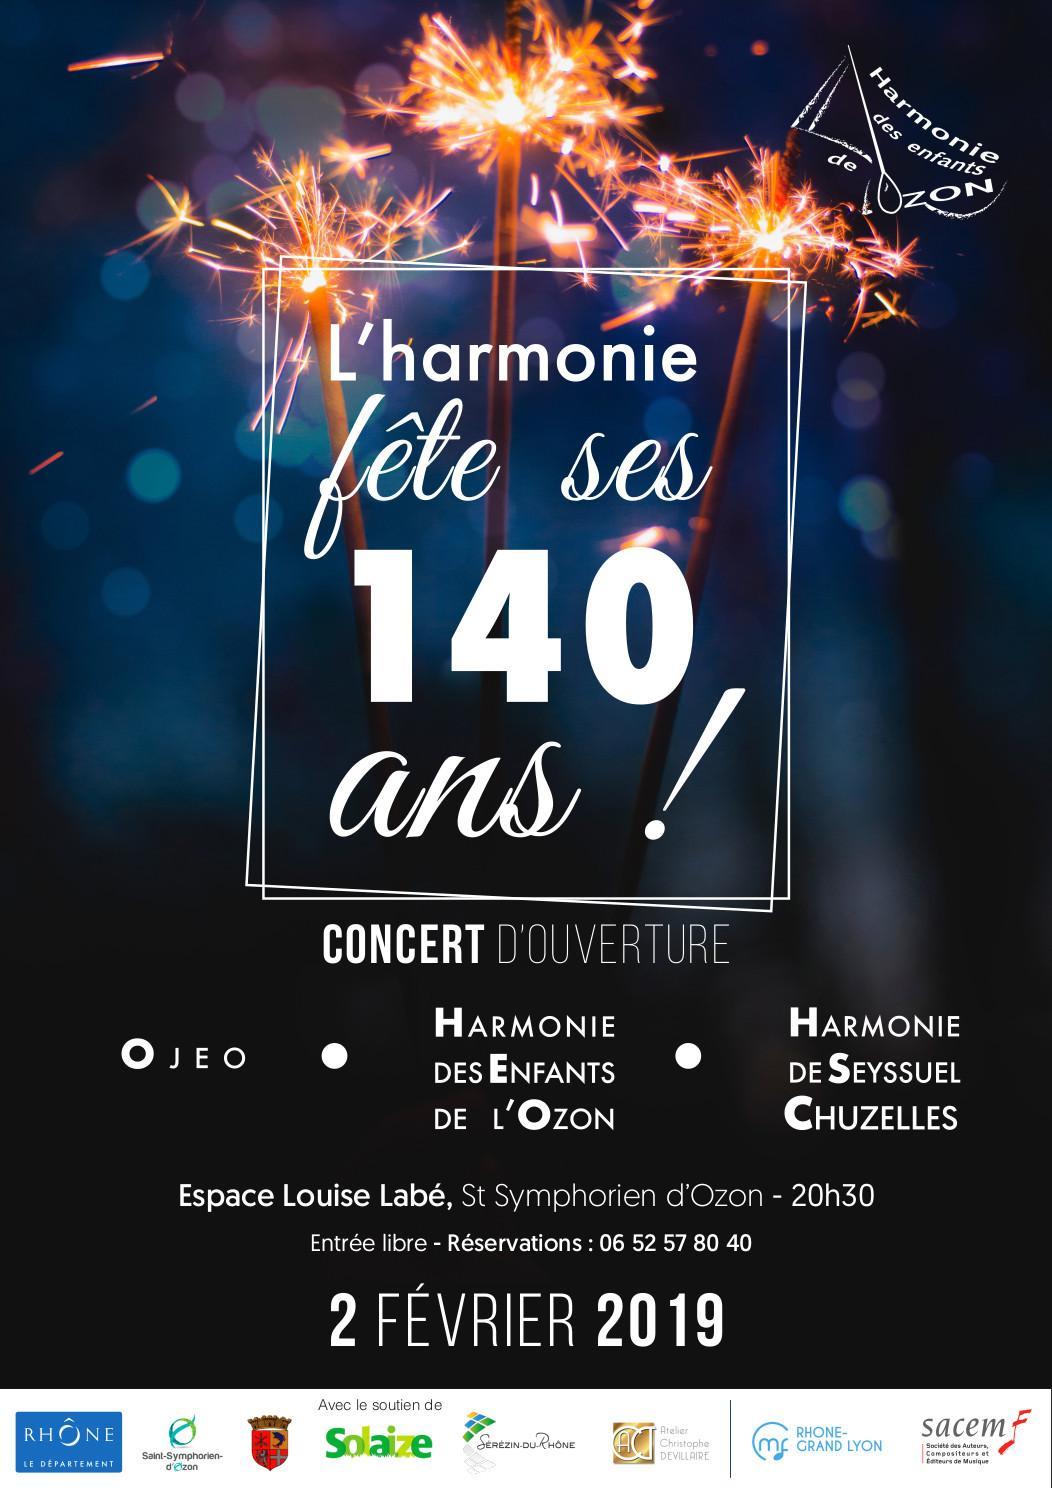 Concert St Symphorien d'Ozon 020219